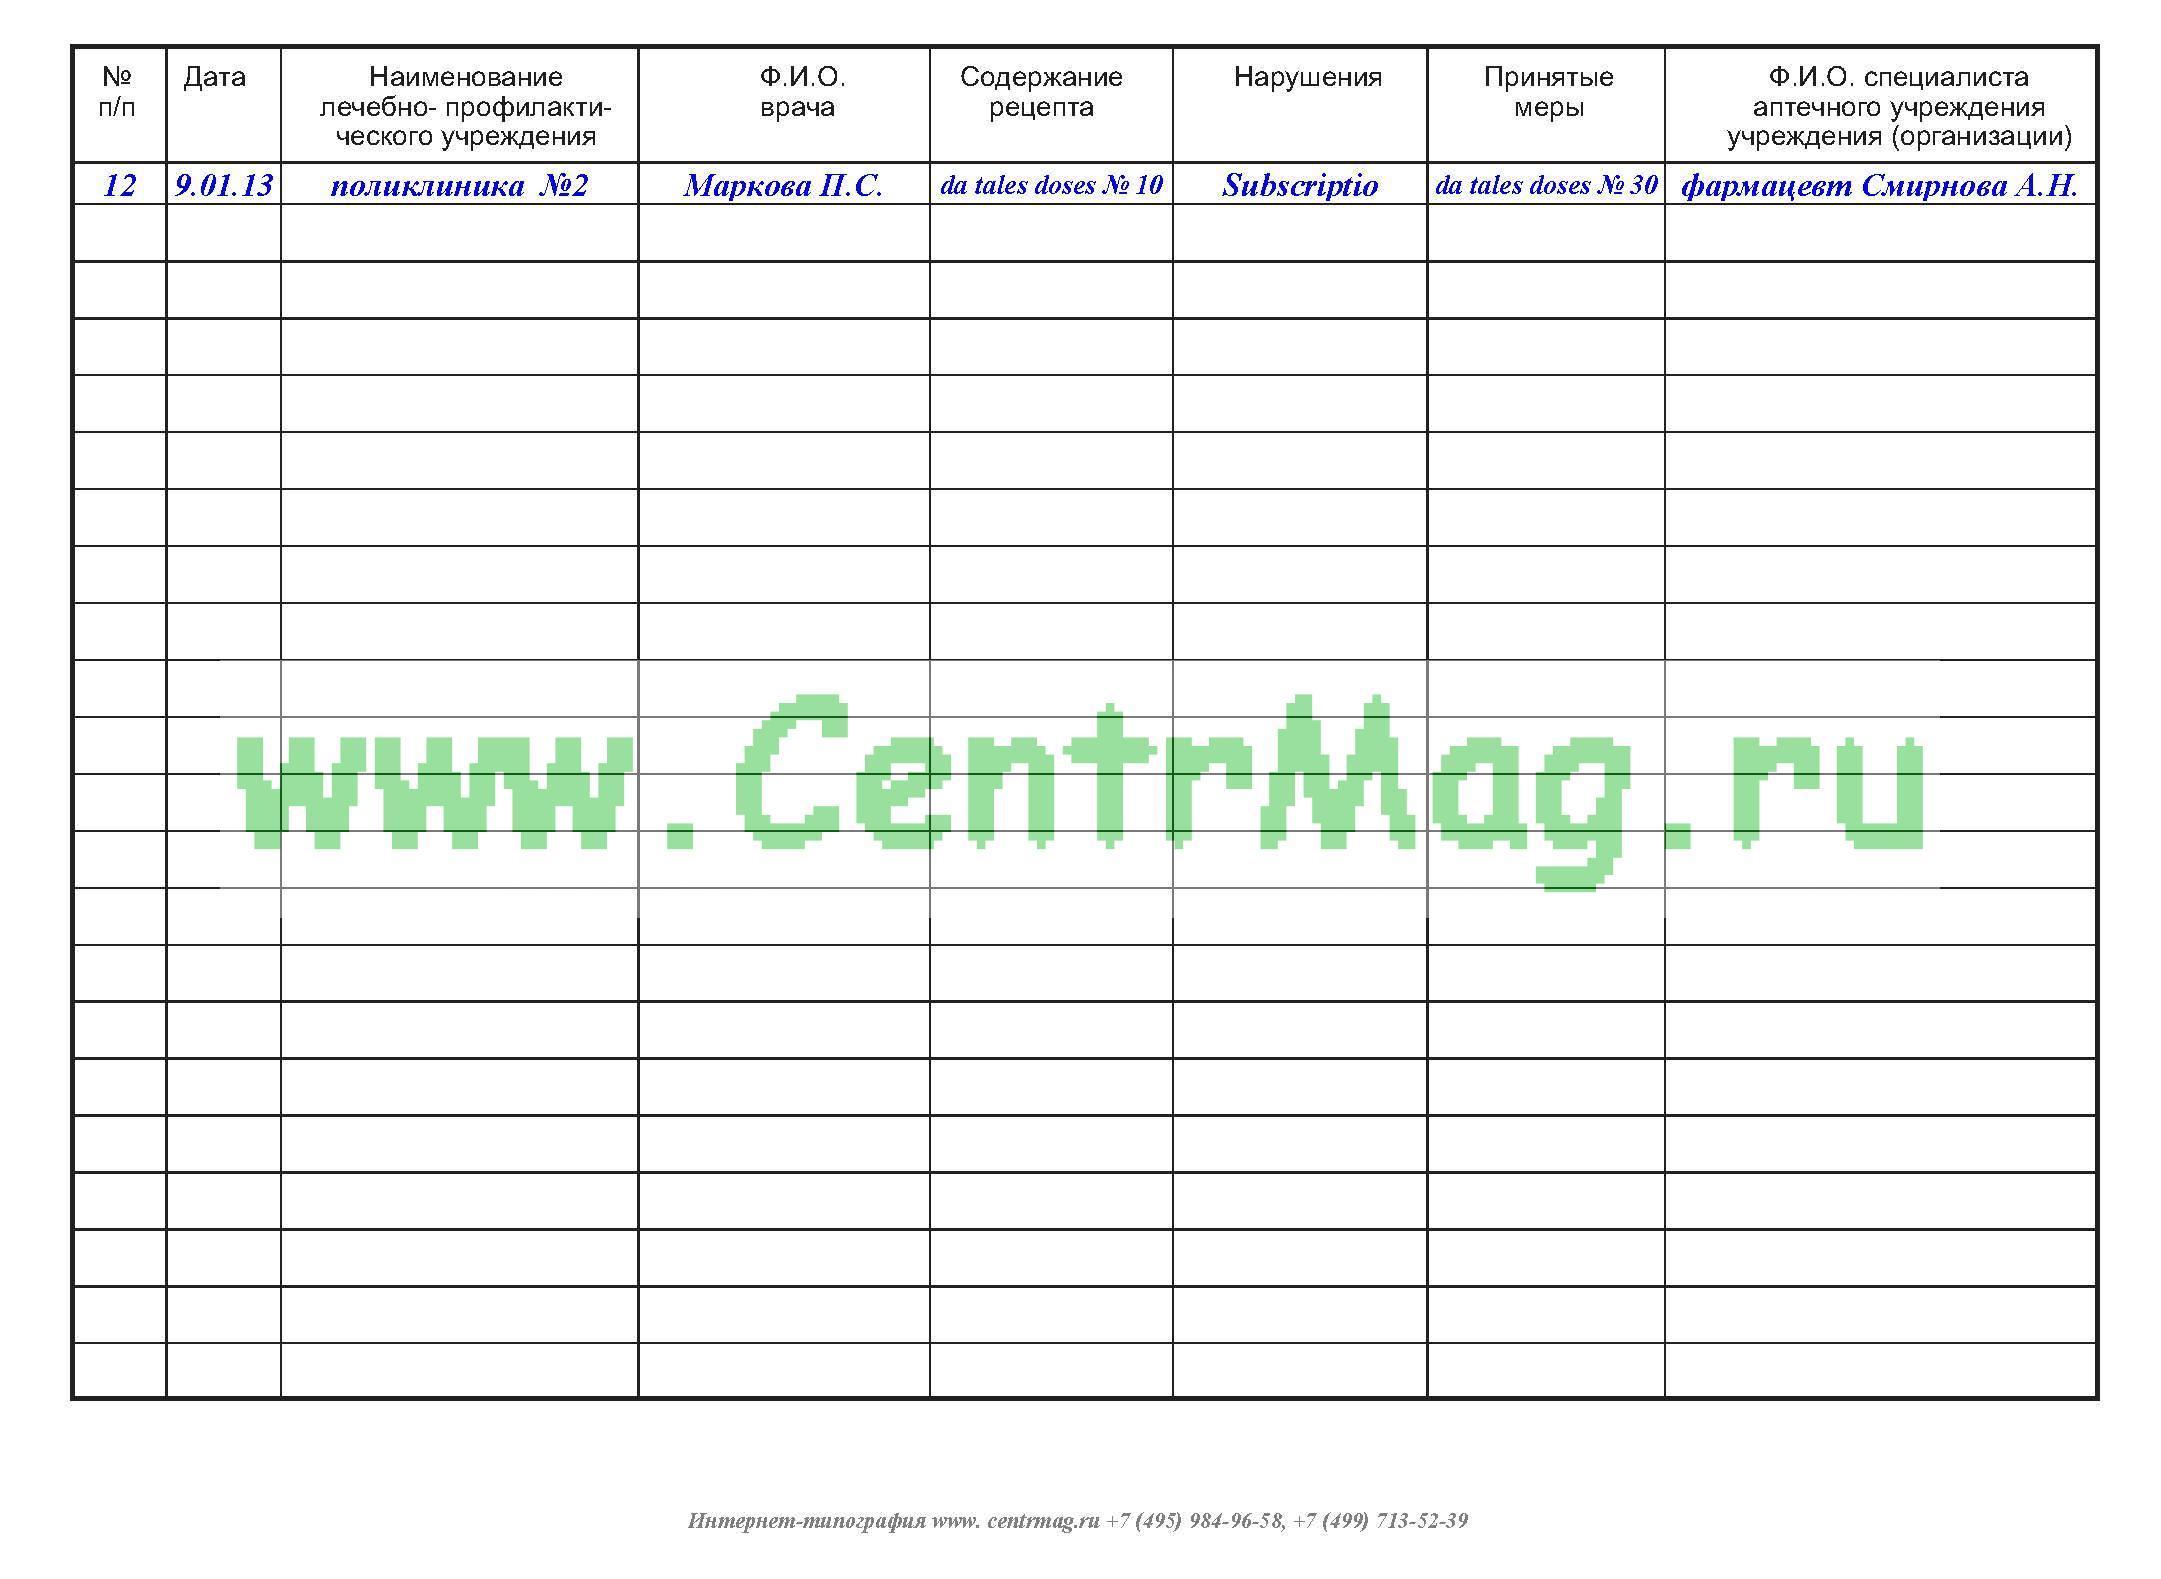 Регистрация рецептов в аптеке виды регистрации